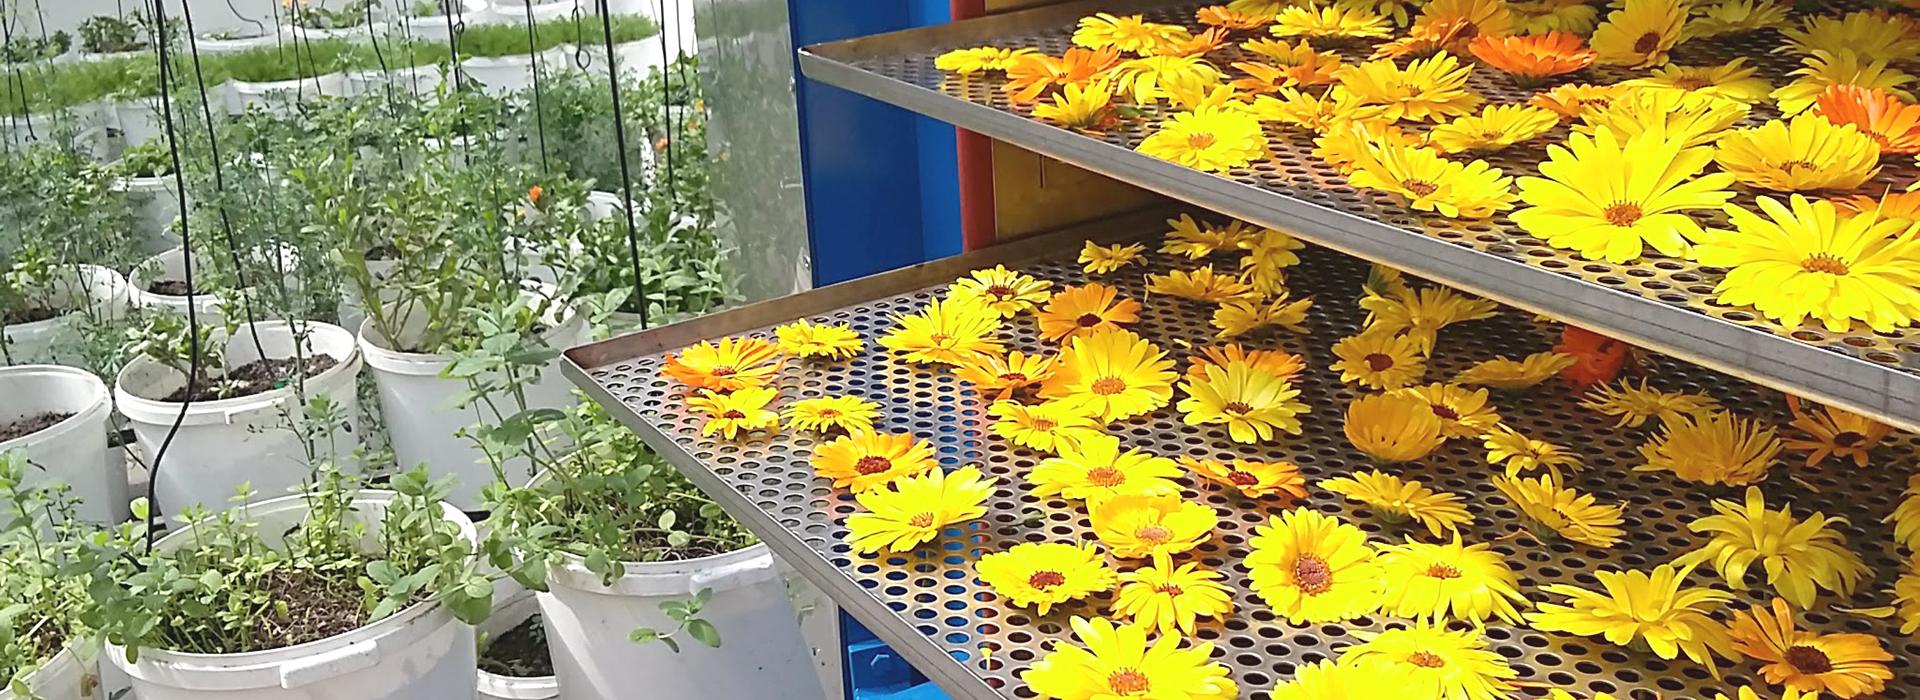 Flores-Hierbas-artsoap